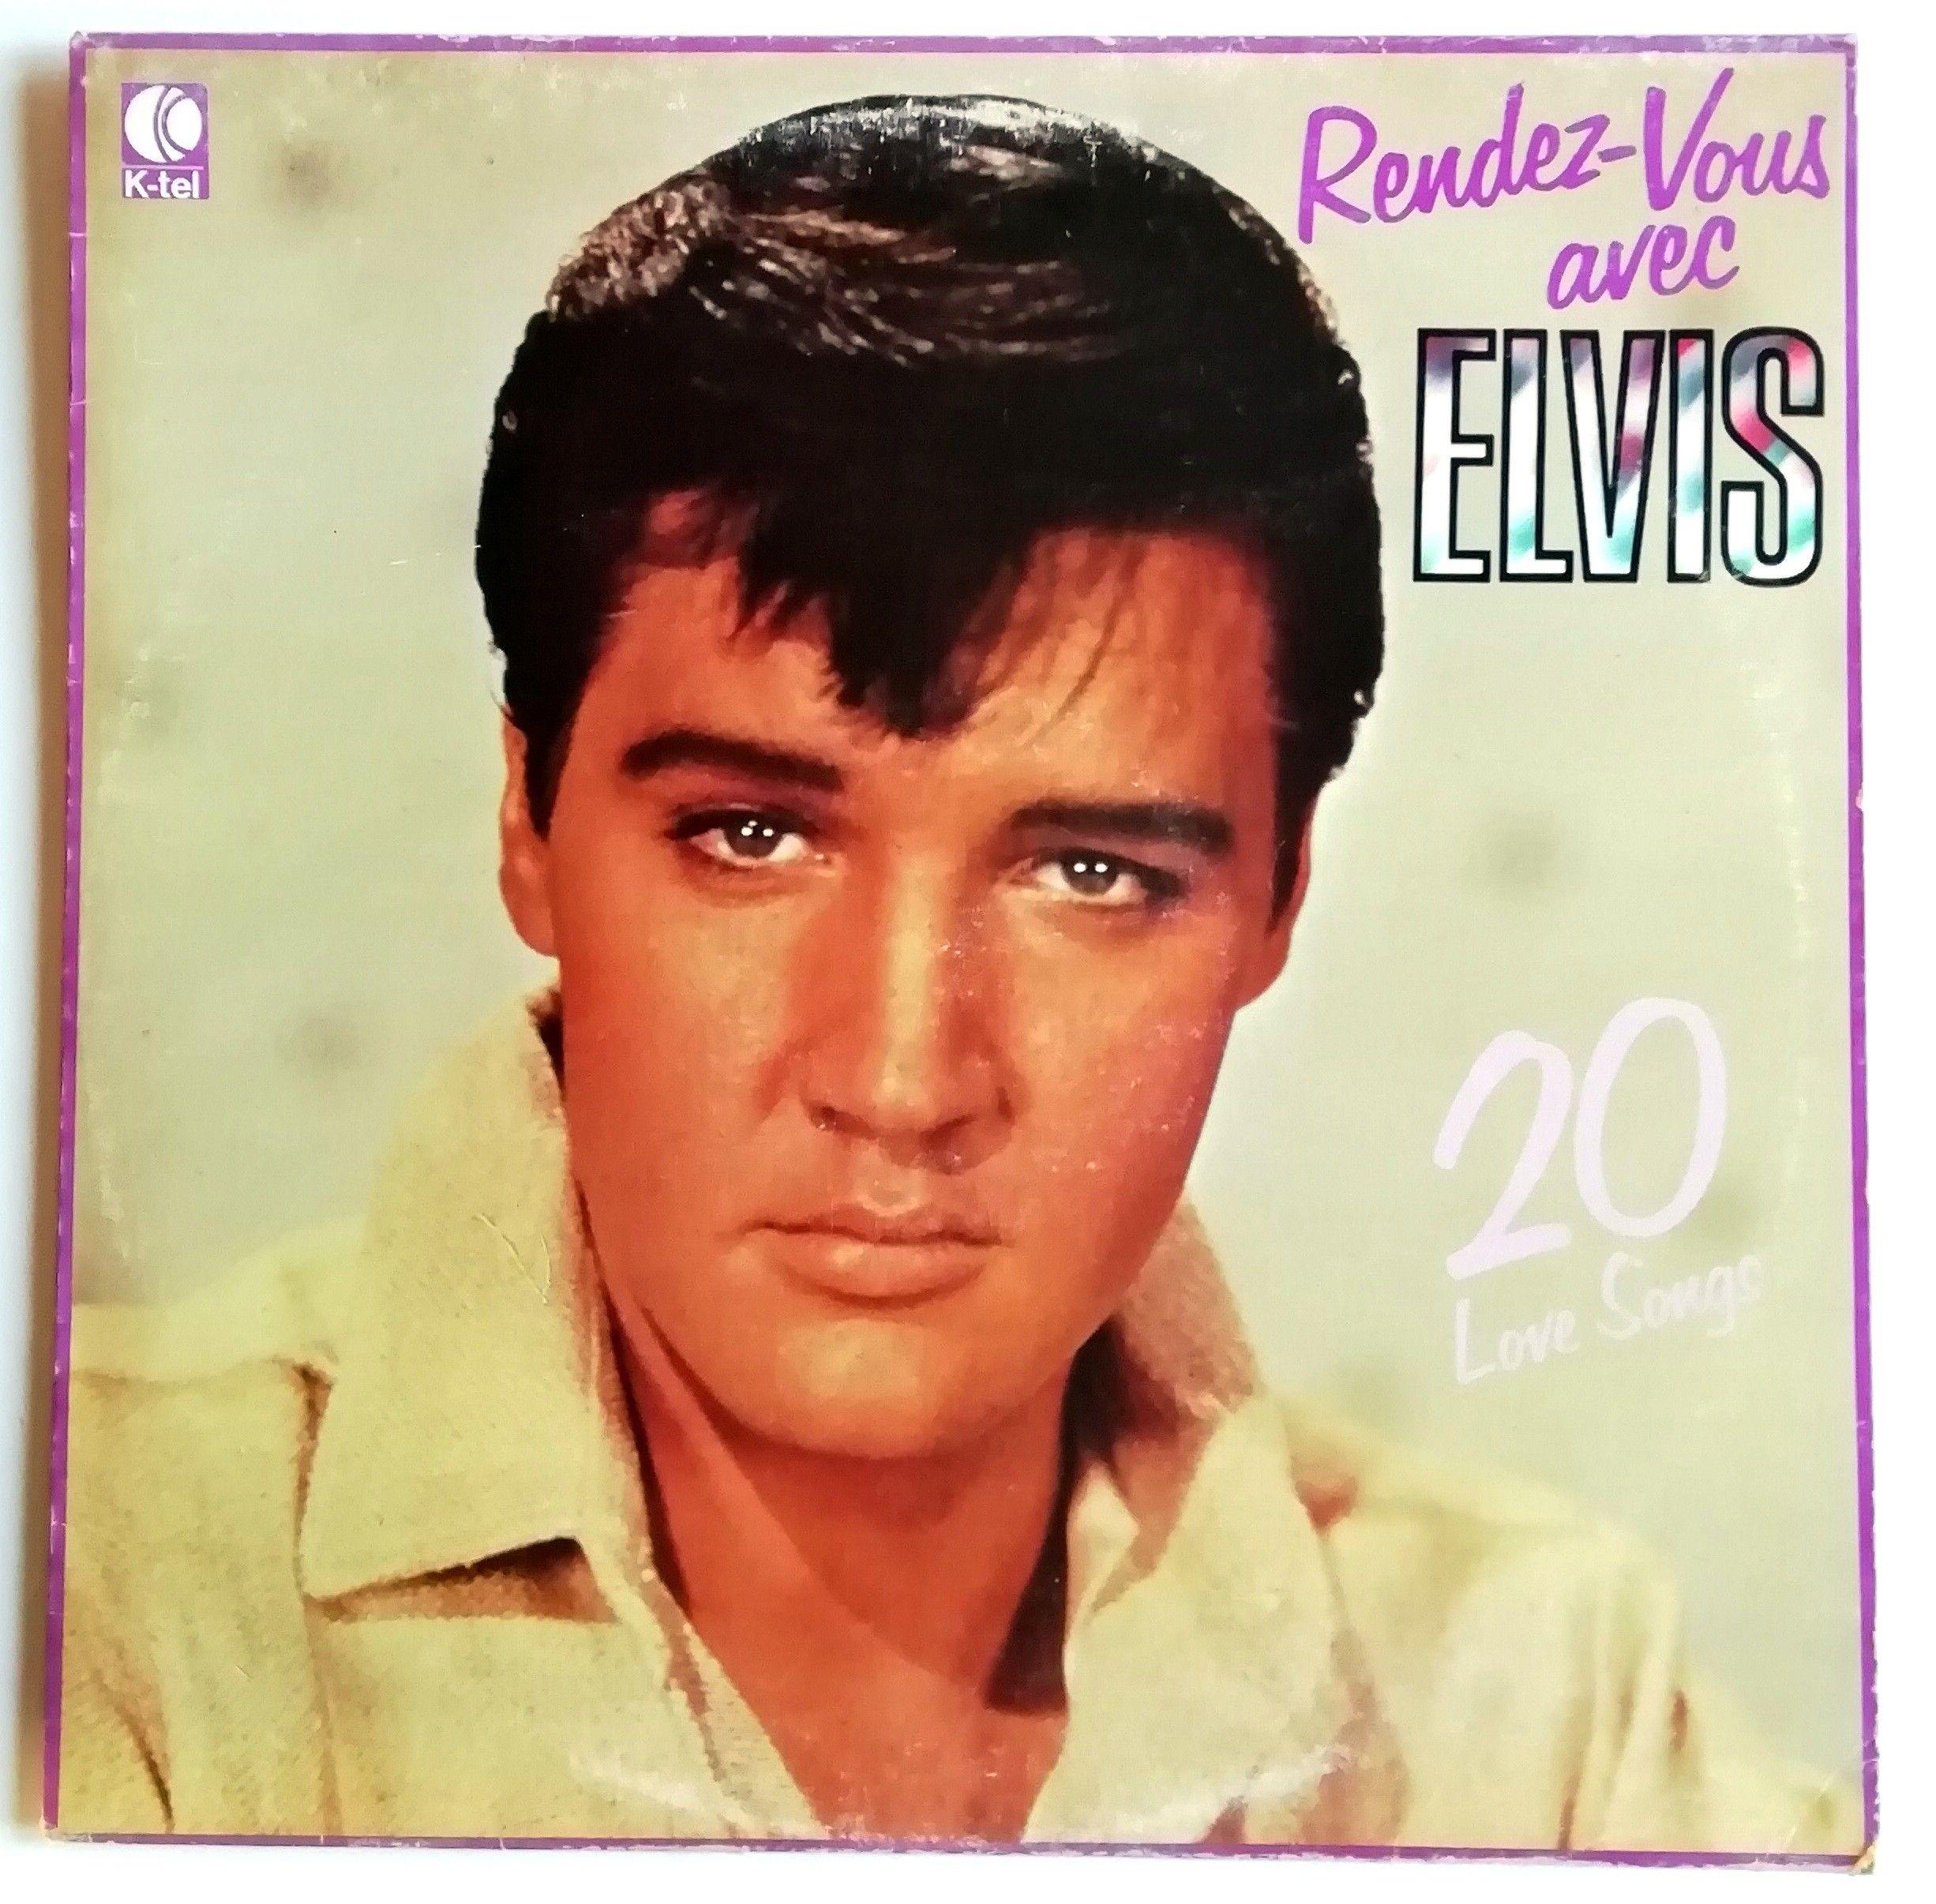 ELVIS PRESLEY – RENDEZ-VOUS AVEC ELVIS (20 LOVE SONGS) 1979 (12 ...